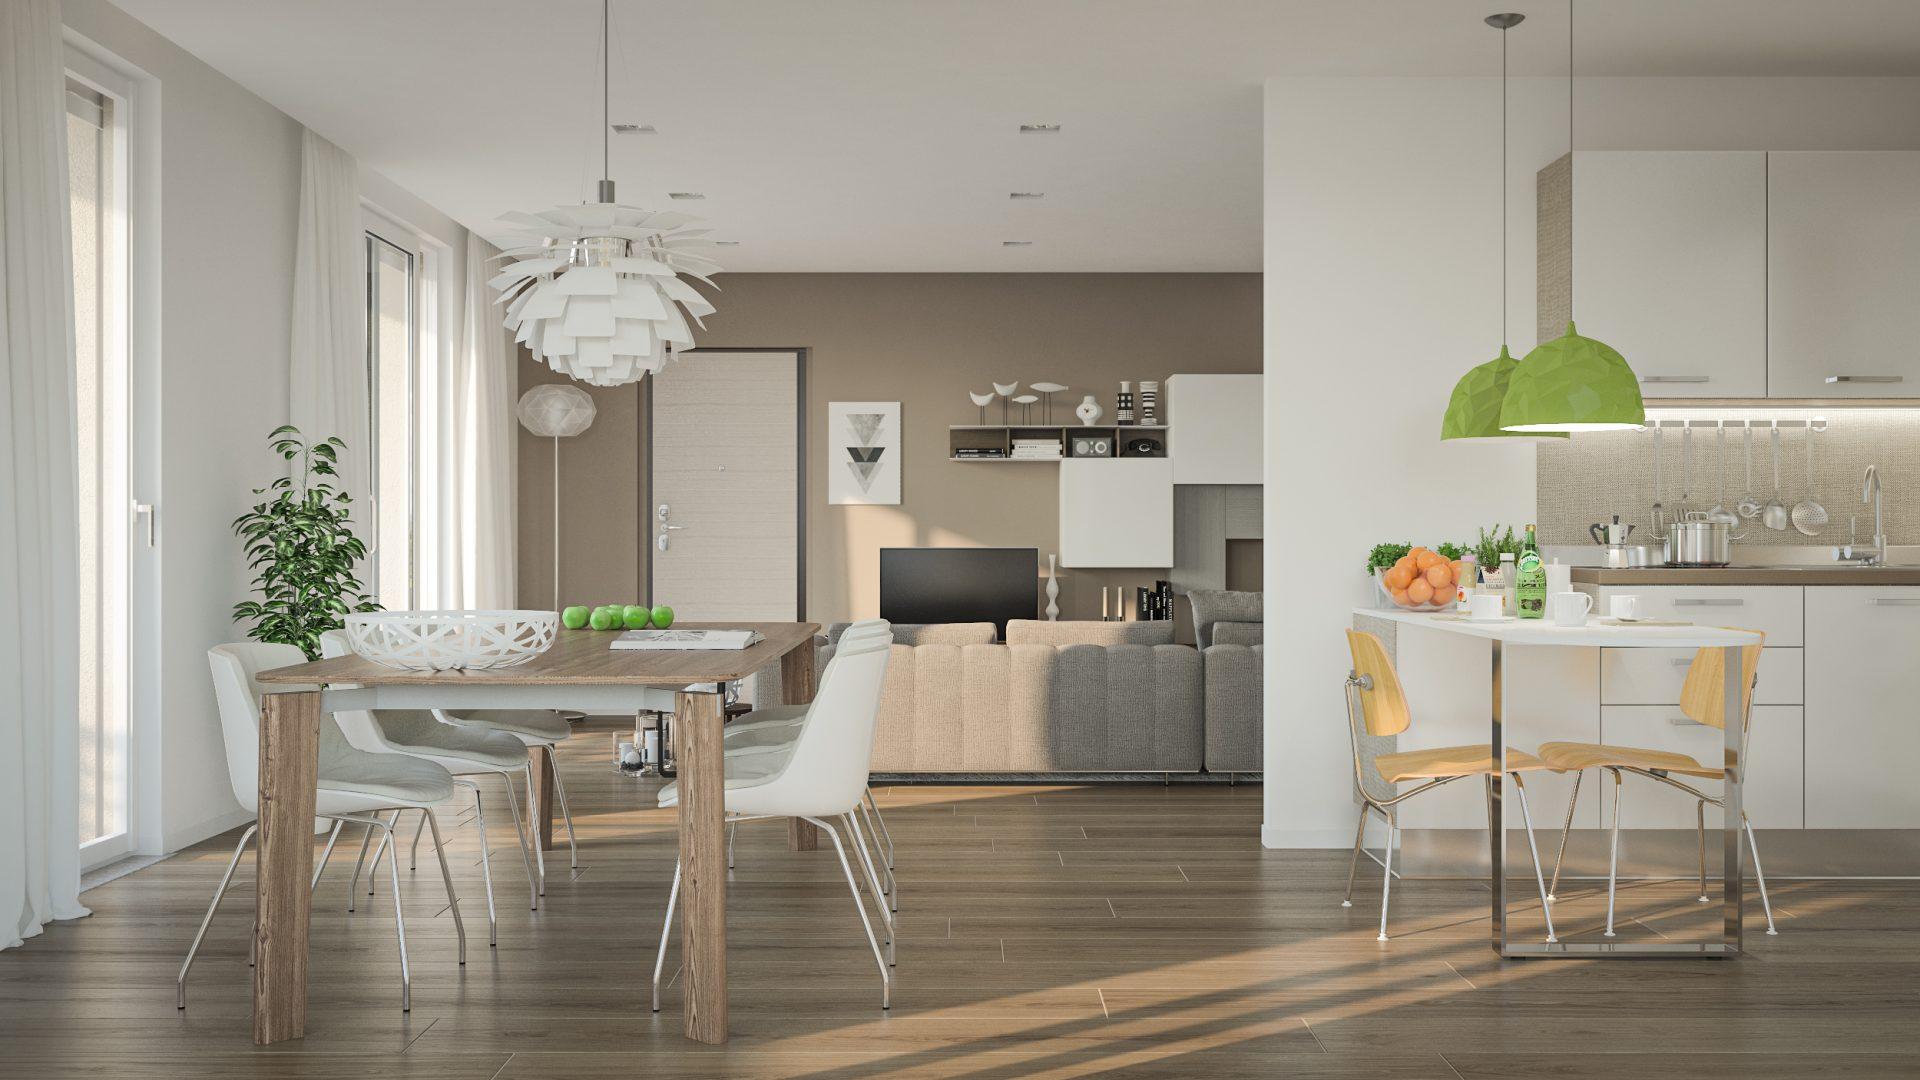 Consigli per ristrutturare casa costruzioni edili de novara for Idee per ristrutturare casa